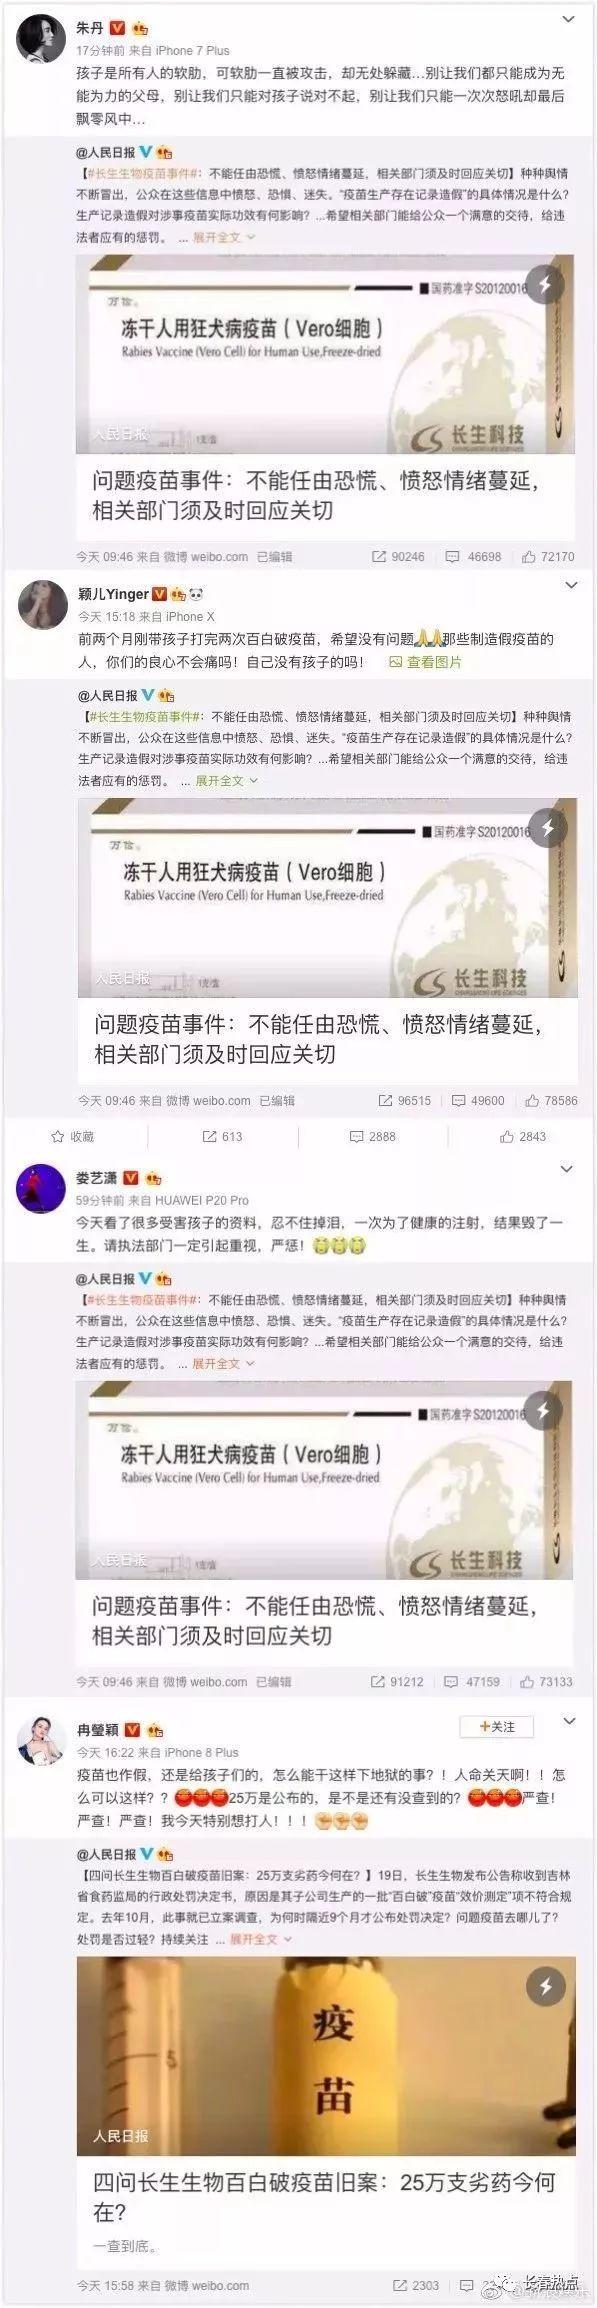 """长春长生最新进展:疫苗""""女王""""高俊芳登上""""王座""""用15年图片"""